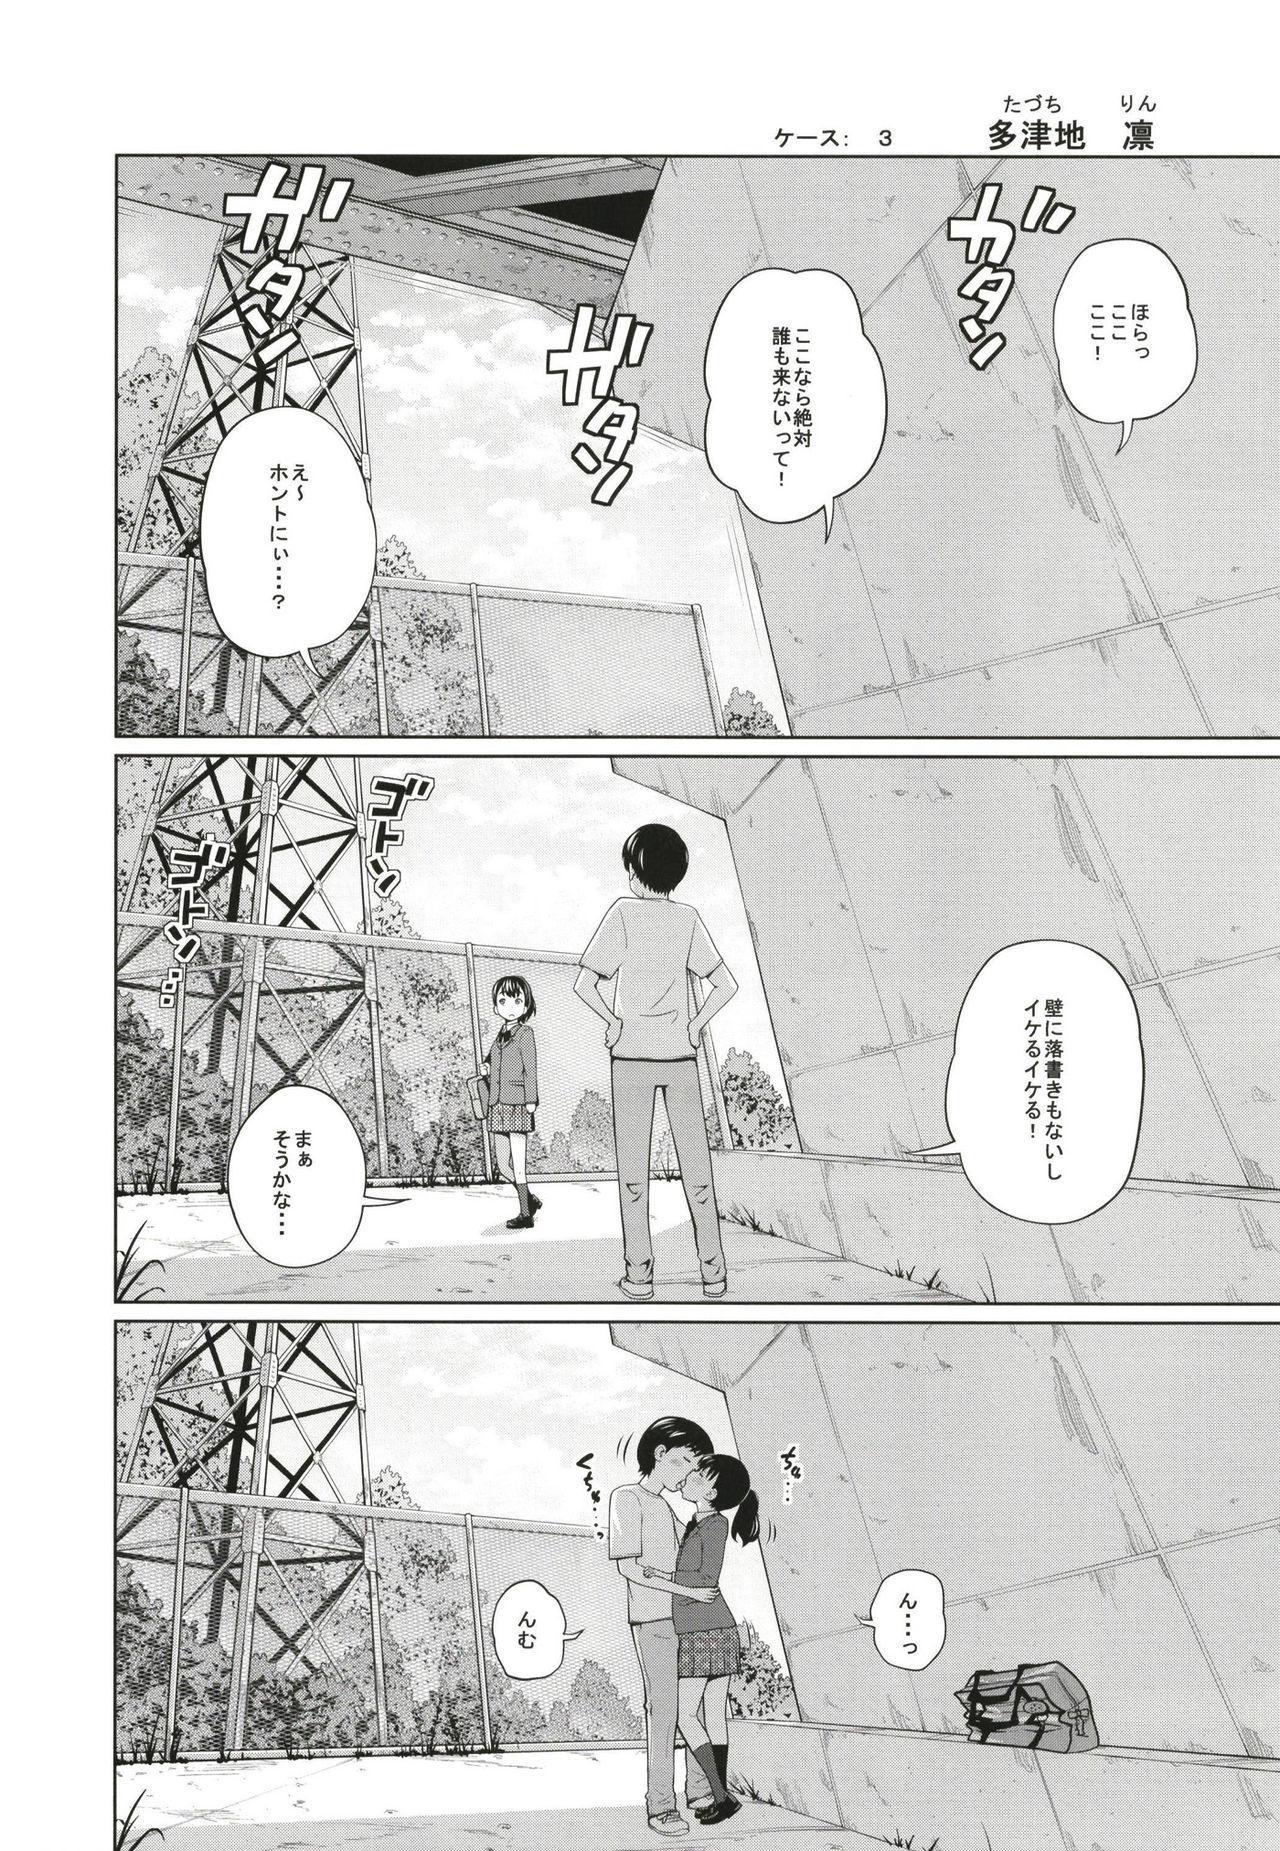 Kono Naka ni Kinshin Soukan Shiteiru Musume ga 3-nin Imasu #3 19